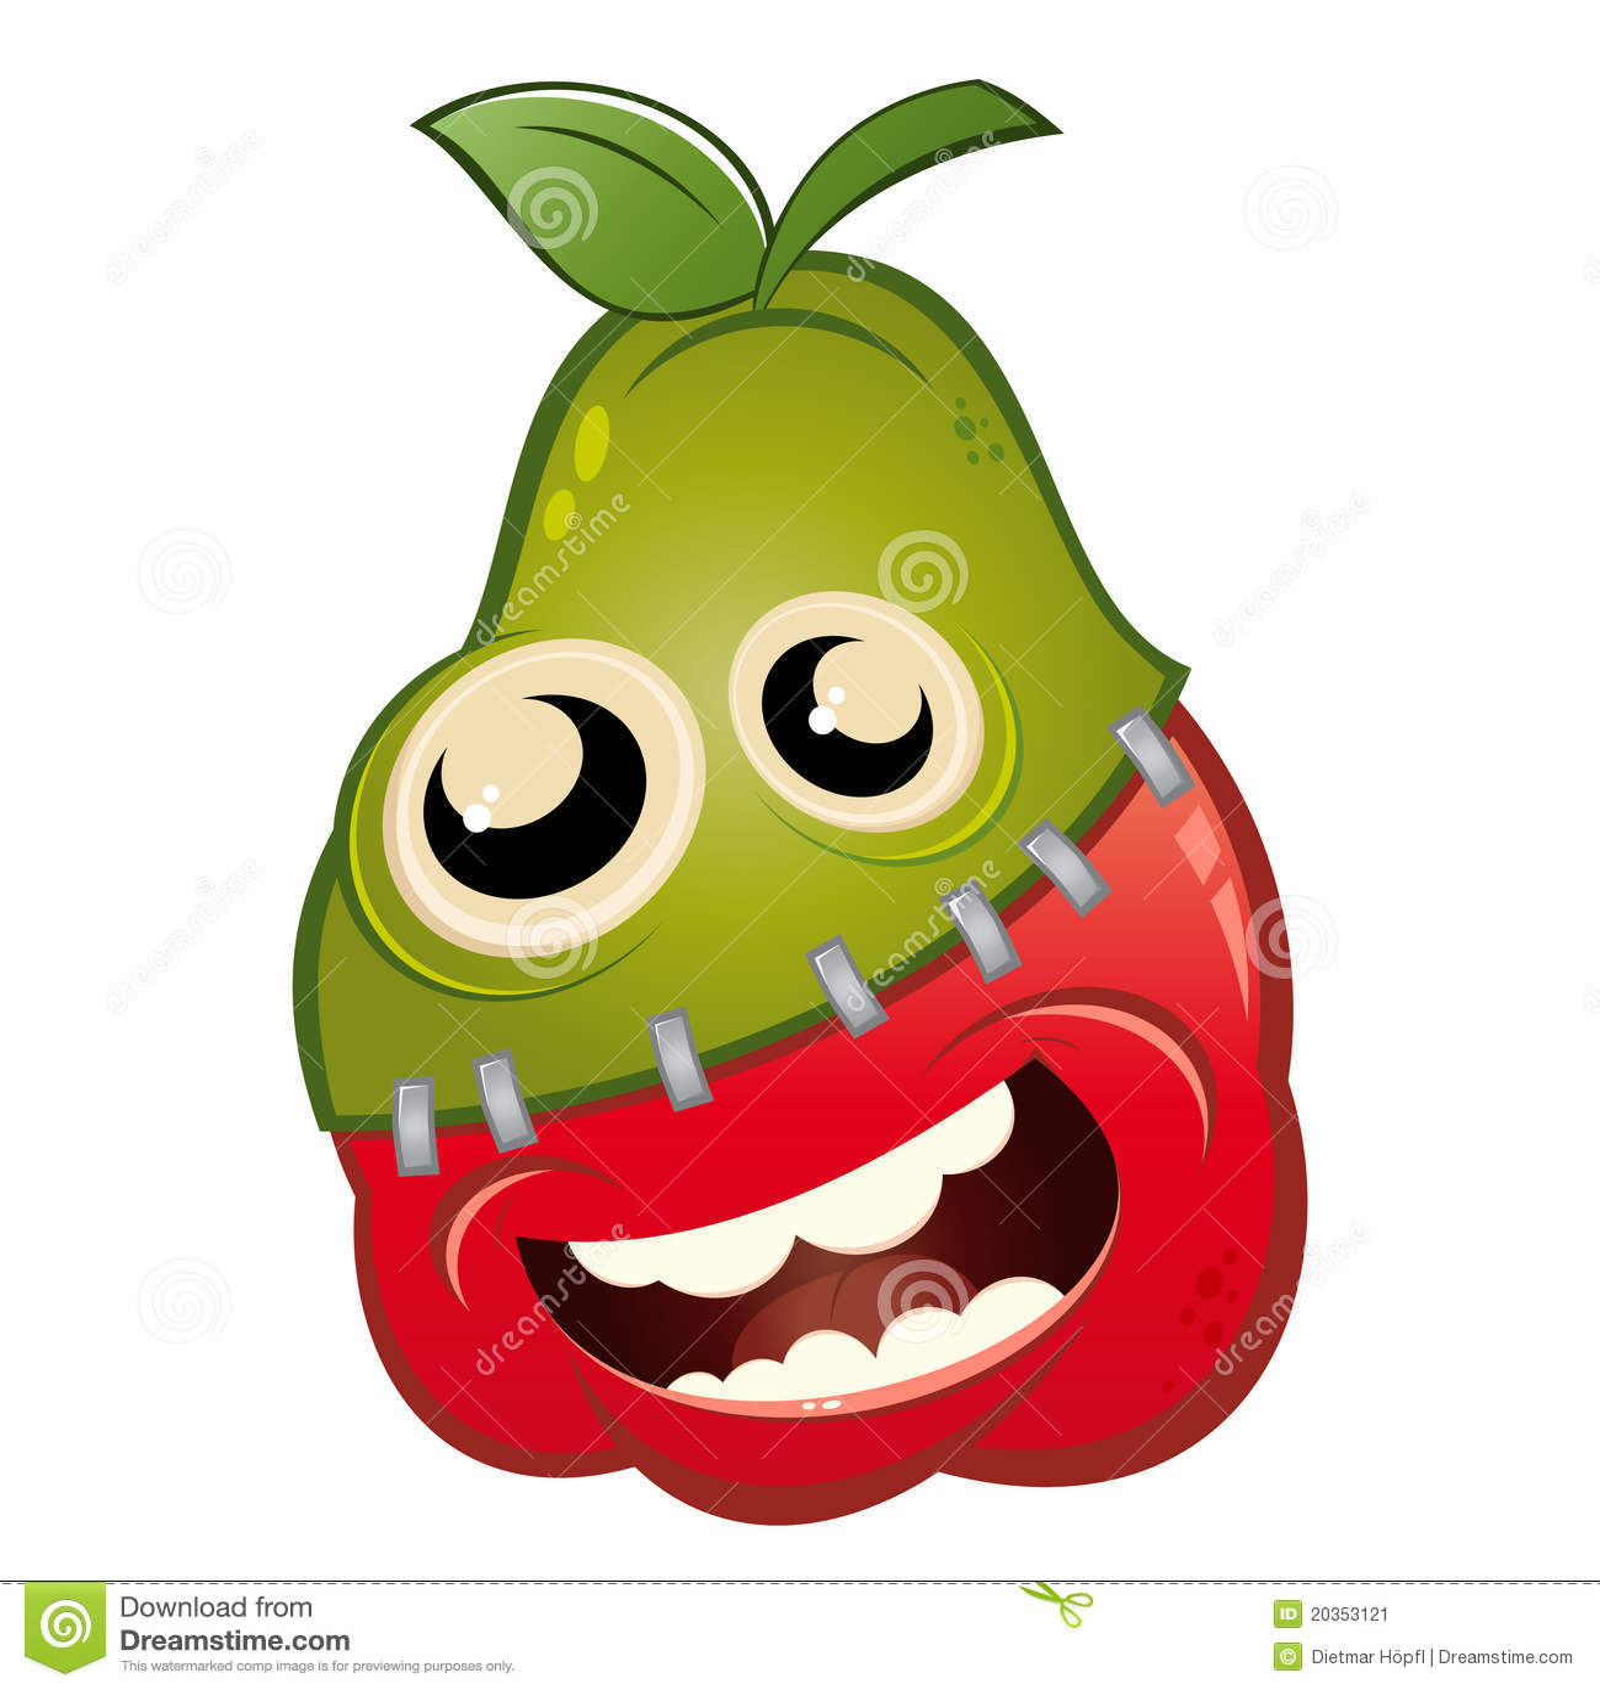 Cartoon apple and pear fruit